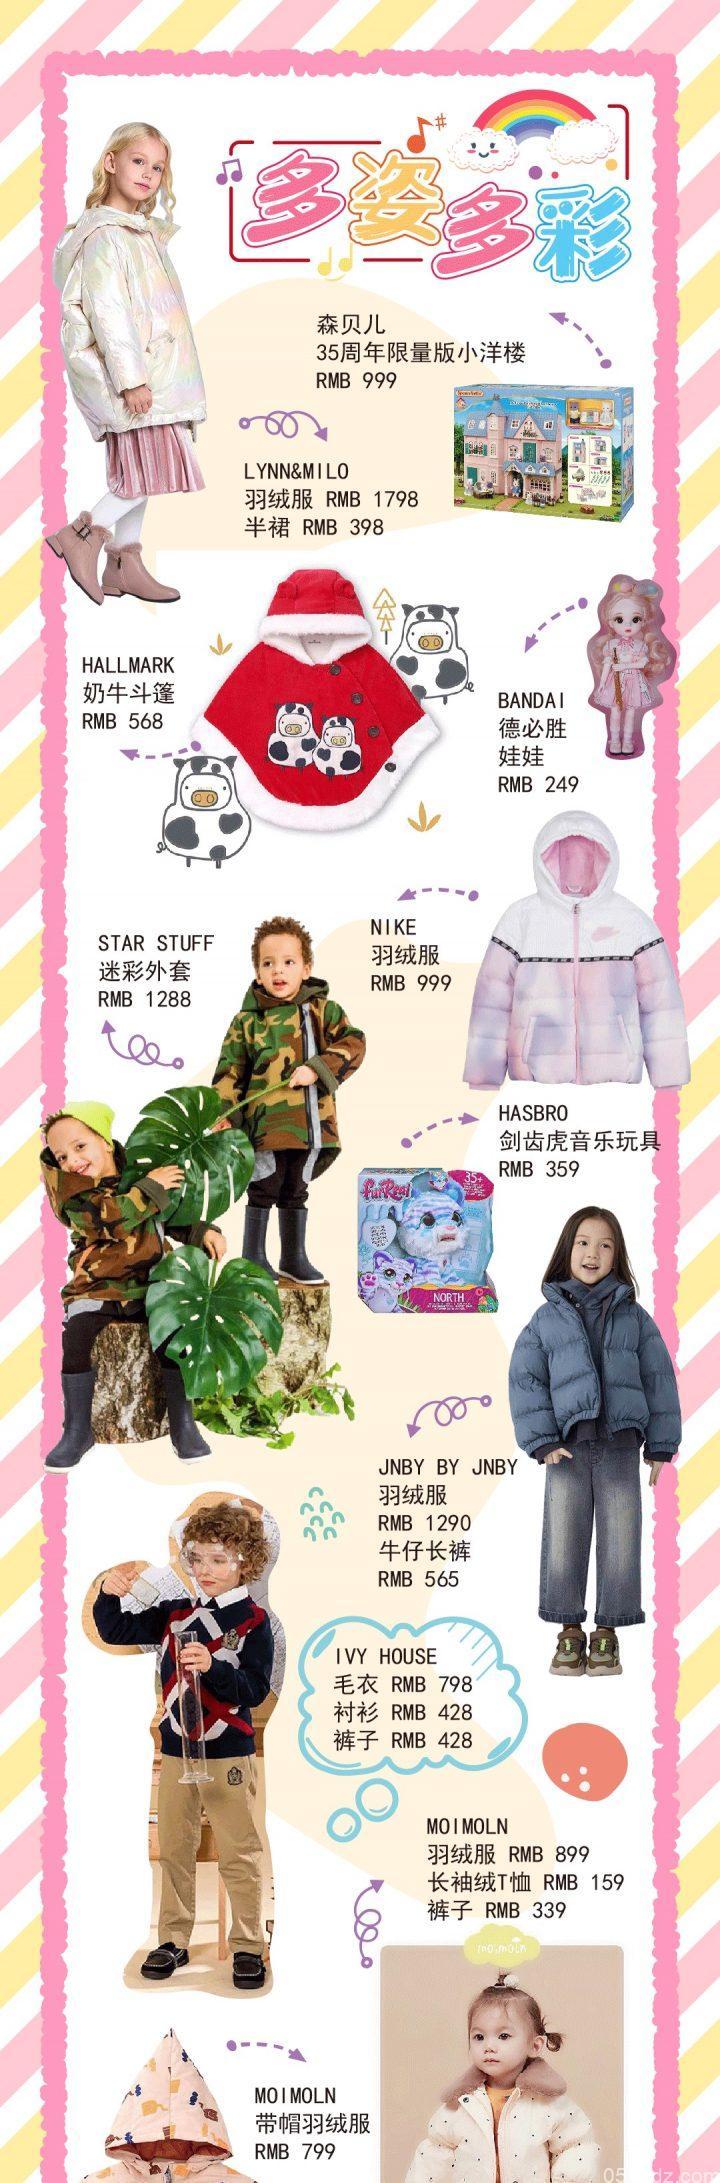 苏州久光宝宝购物节大衣羽绒节